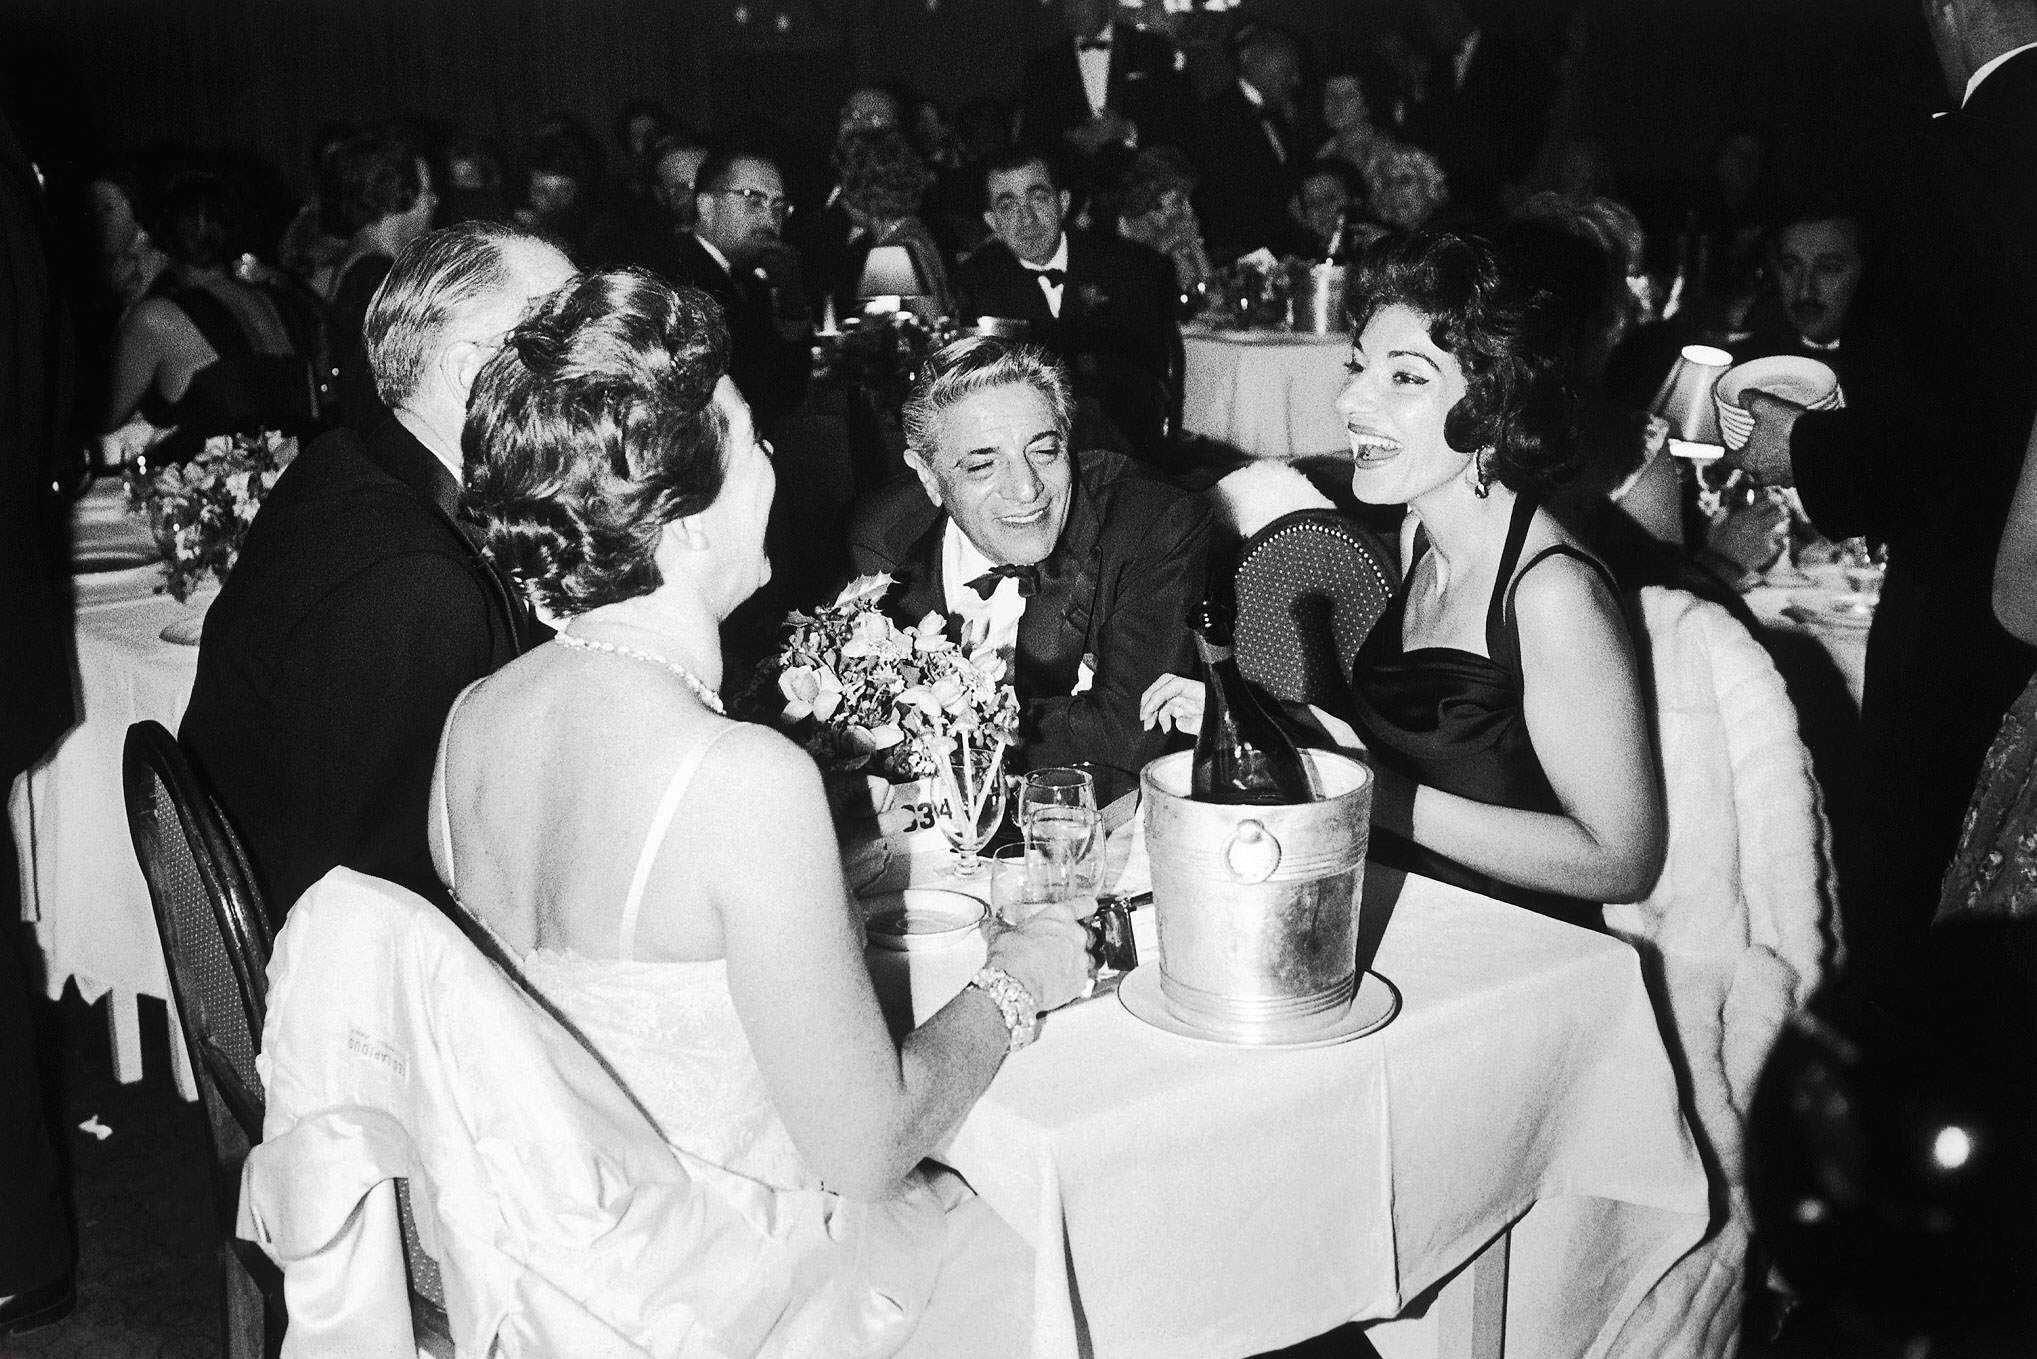 Aristóteles Onassis y Maria Callas en la fiesta de Navidad del Sporting Club de Montecarlo, en 1960.